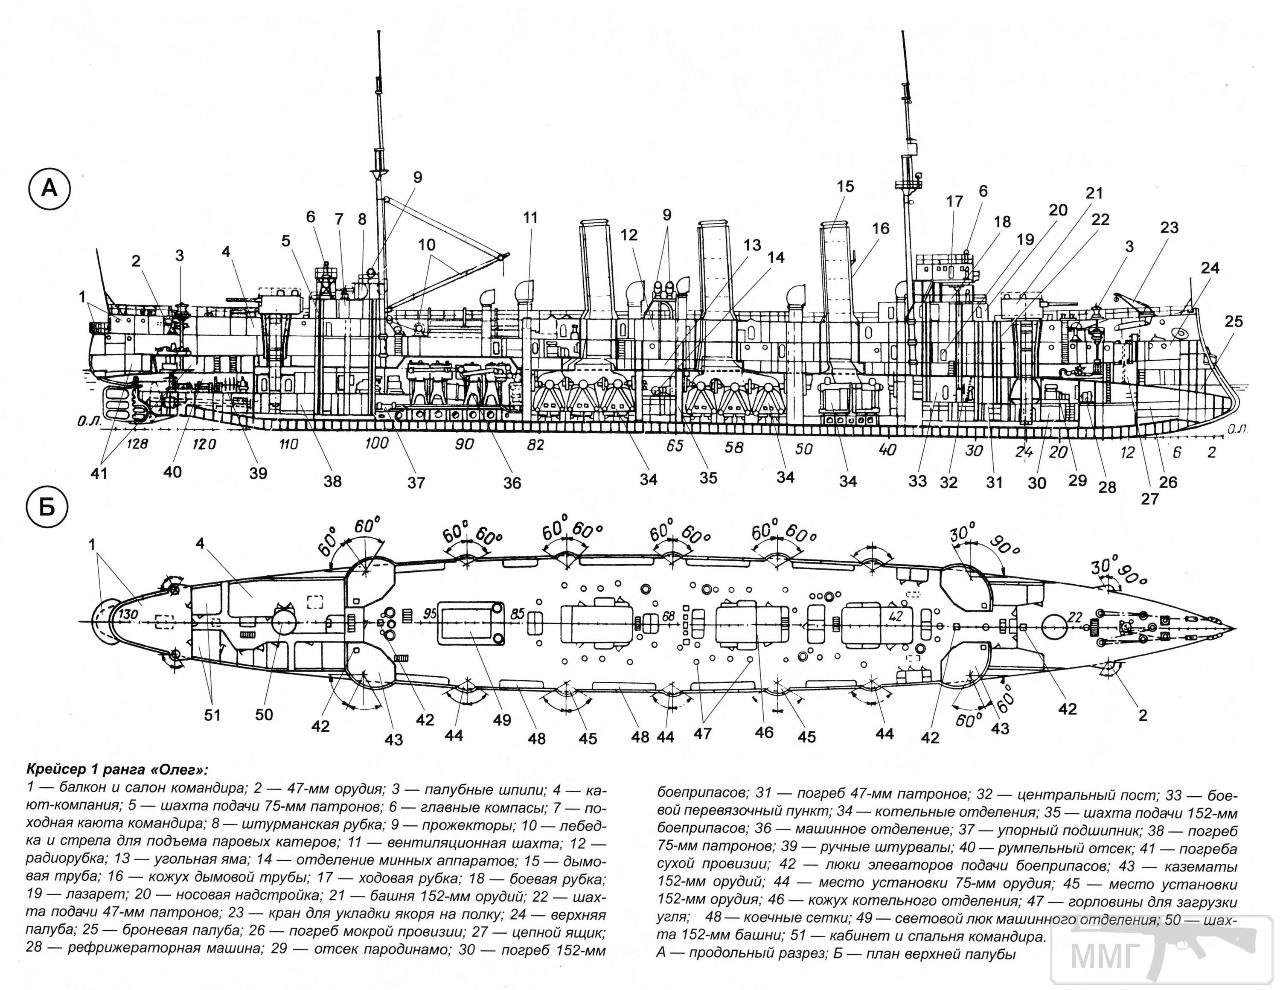 14168 - Паровой флот Российской Империи